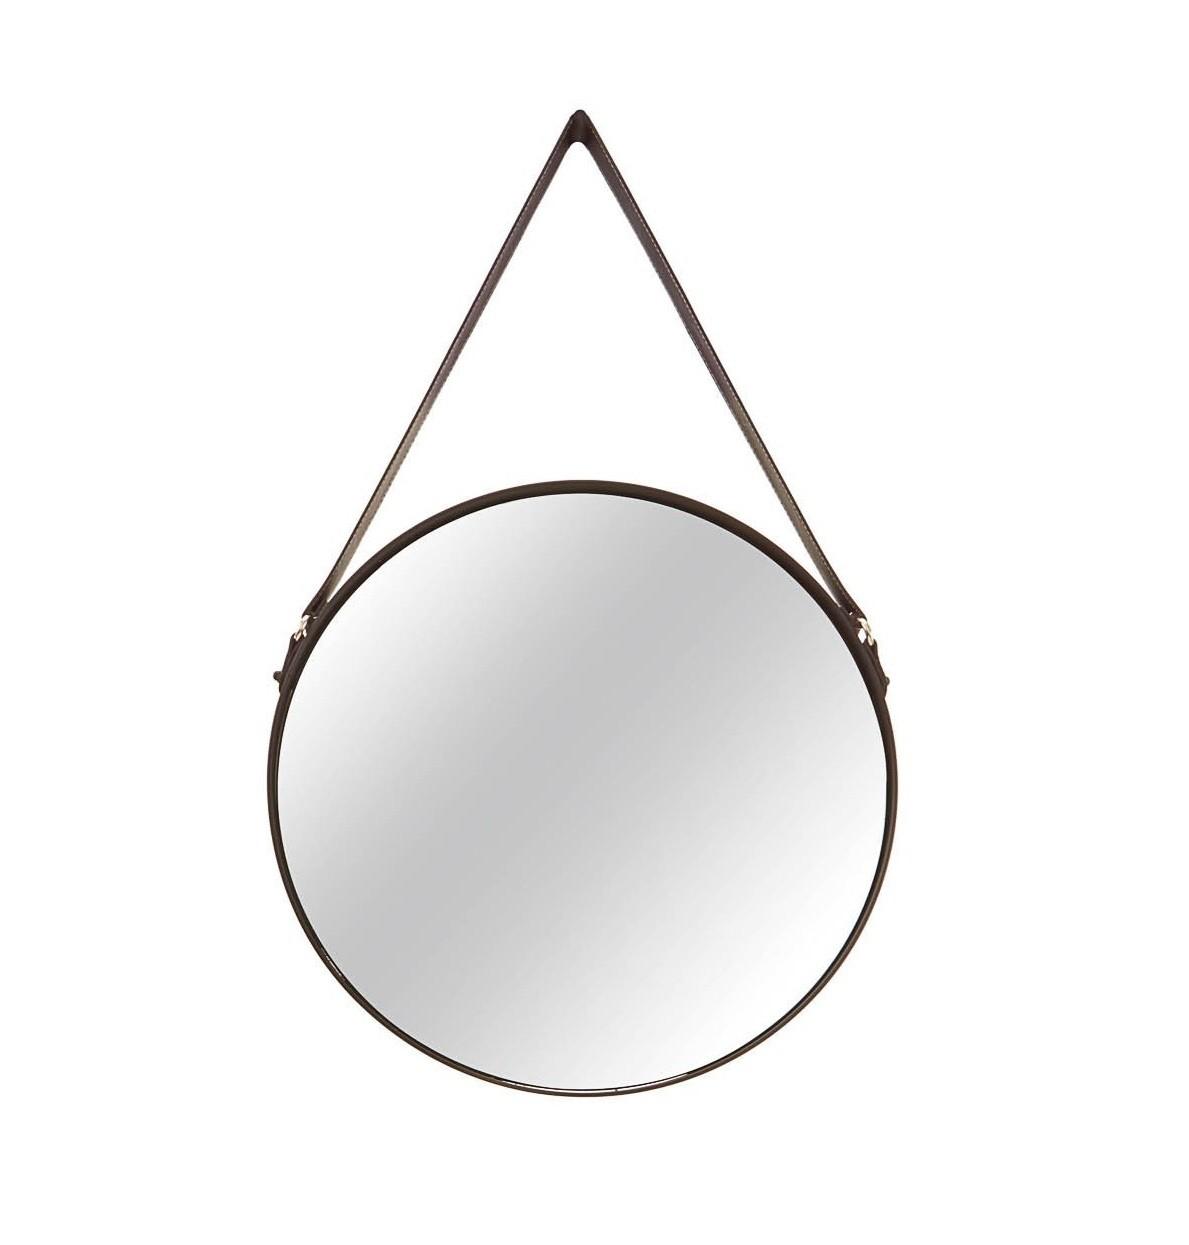 Espelho Hang-Me-Mirror M